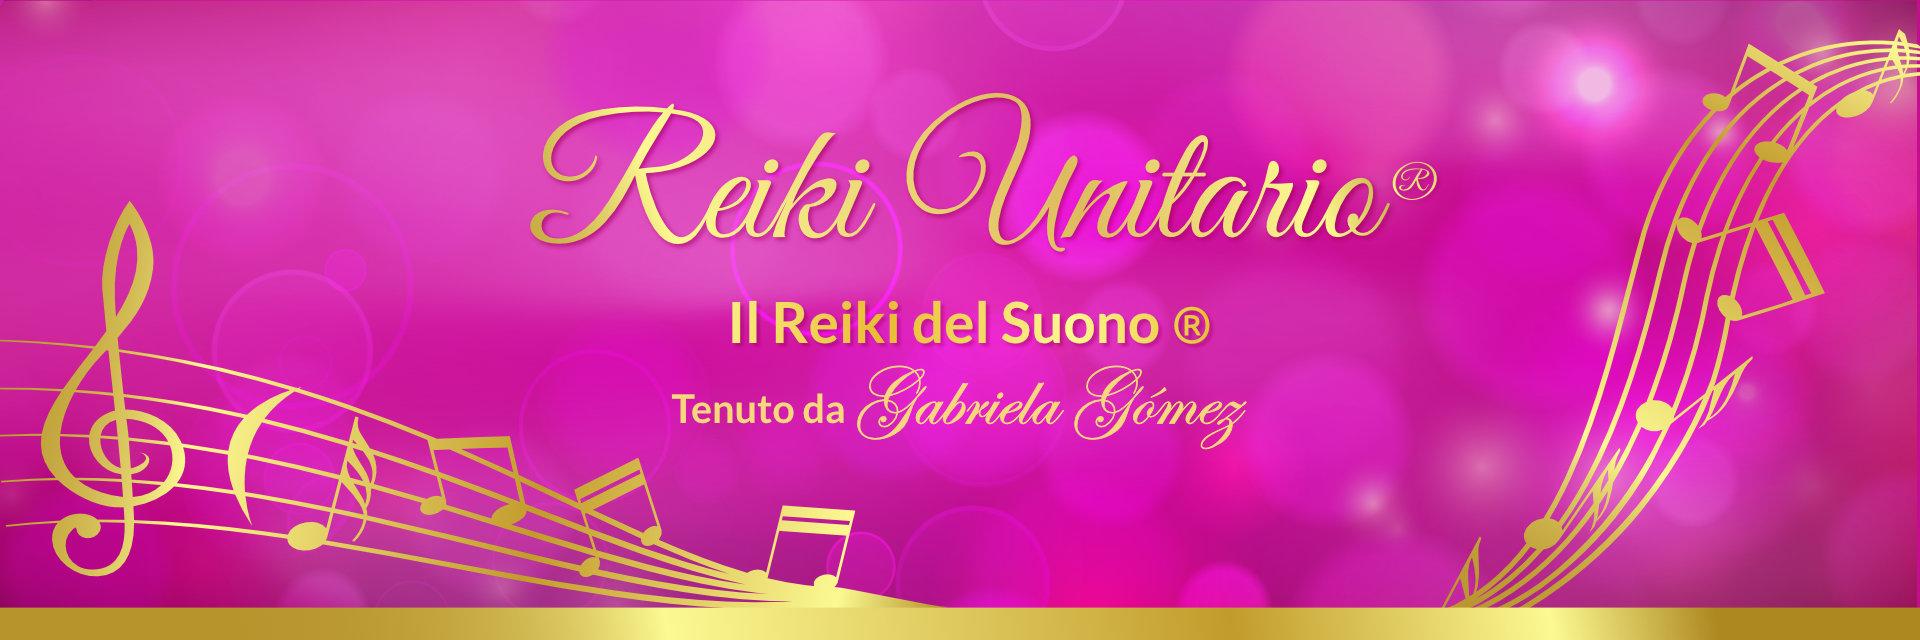 Reiki Unitario®, il Reiki del Suono®